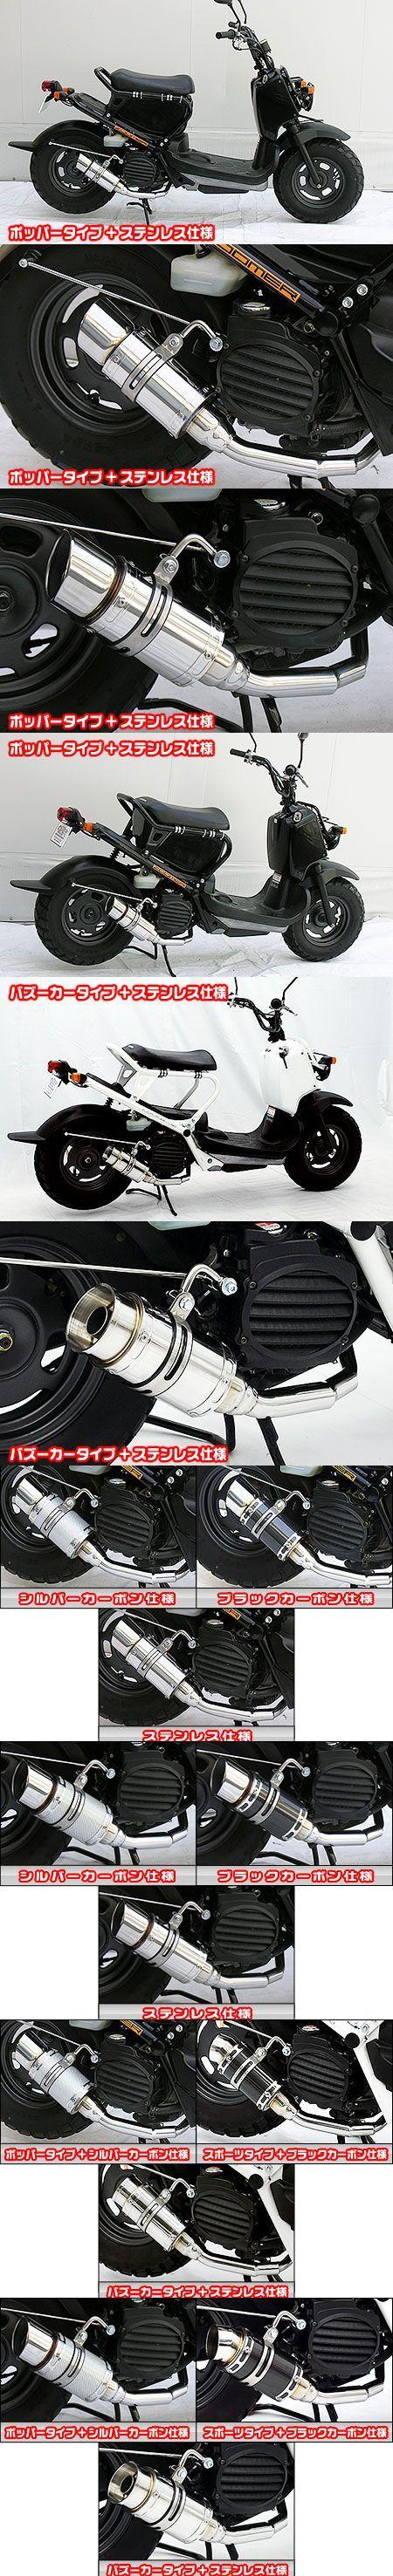 Tiger auto聯名款 Fat Bomber全段排氣管 Popper型 不鏽鋼款式